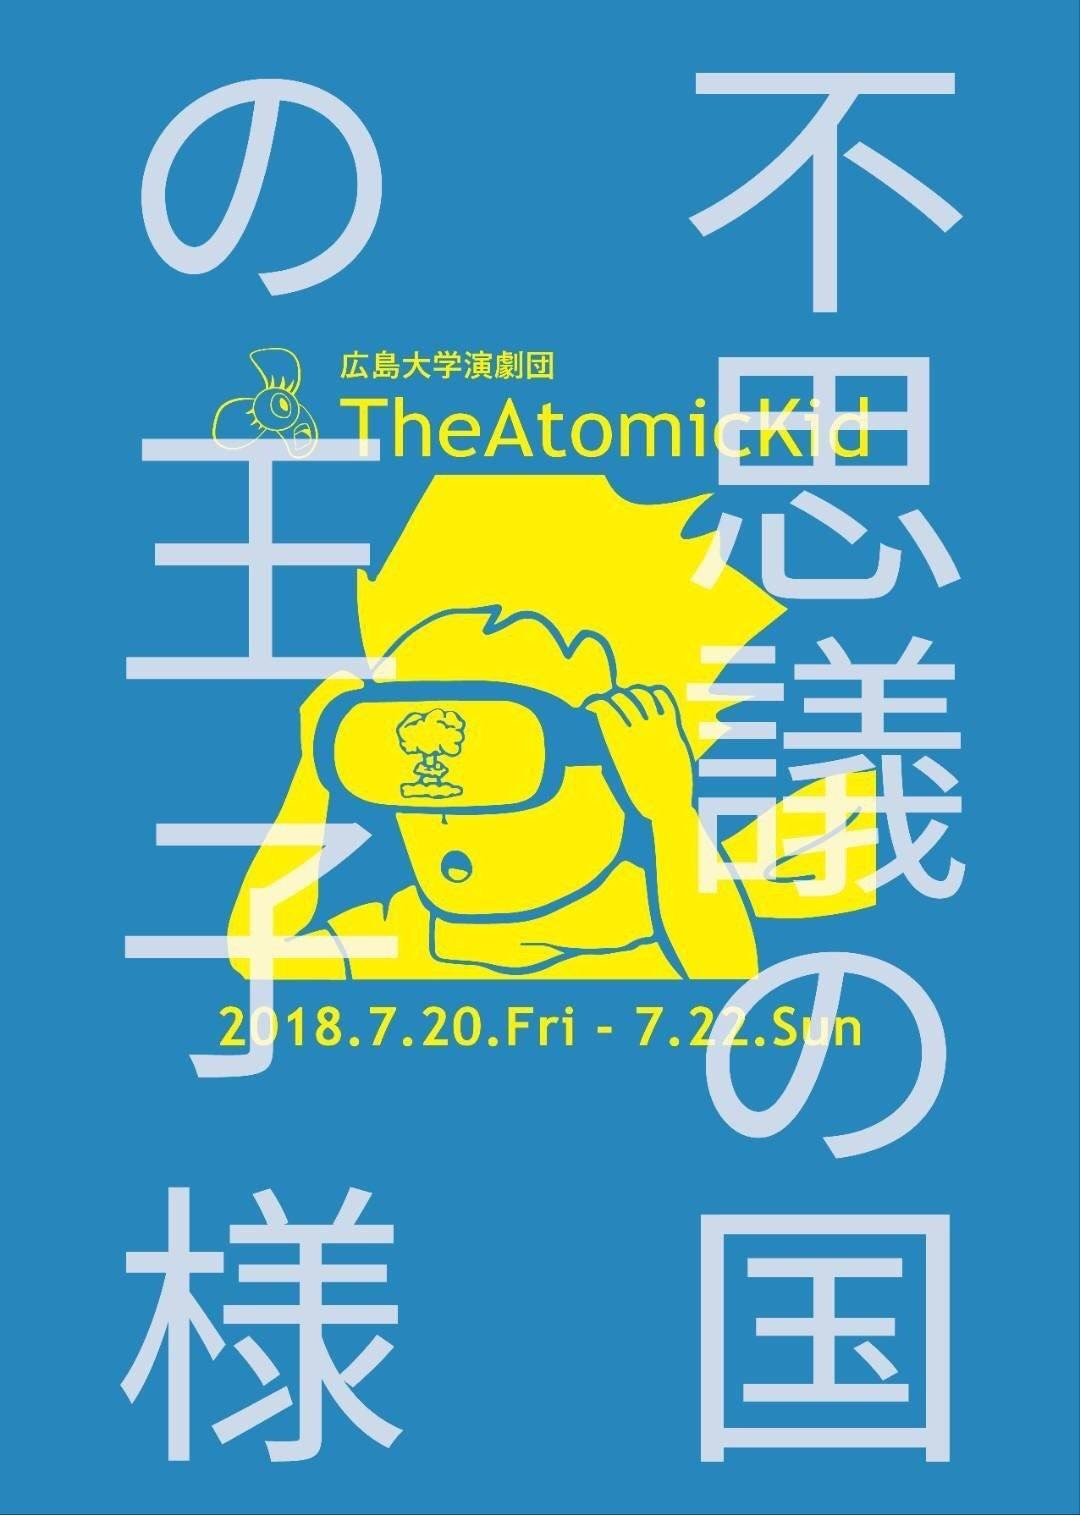 座・アトミックキッド第1回公演「不思議の国の王子様」【広島大学演劇団】